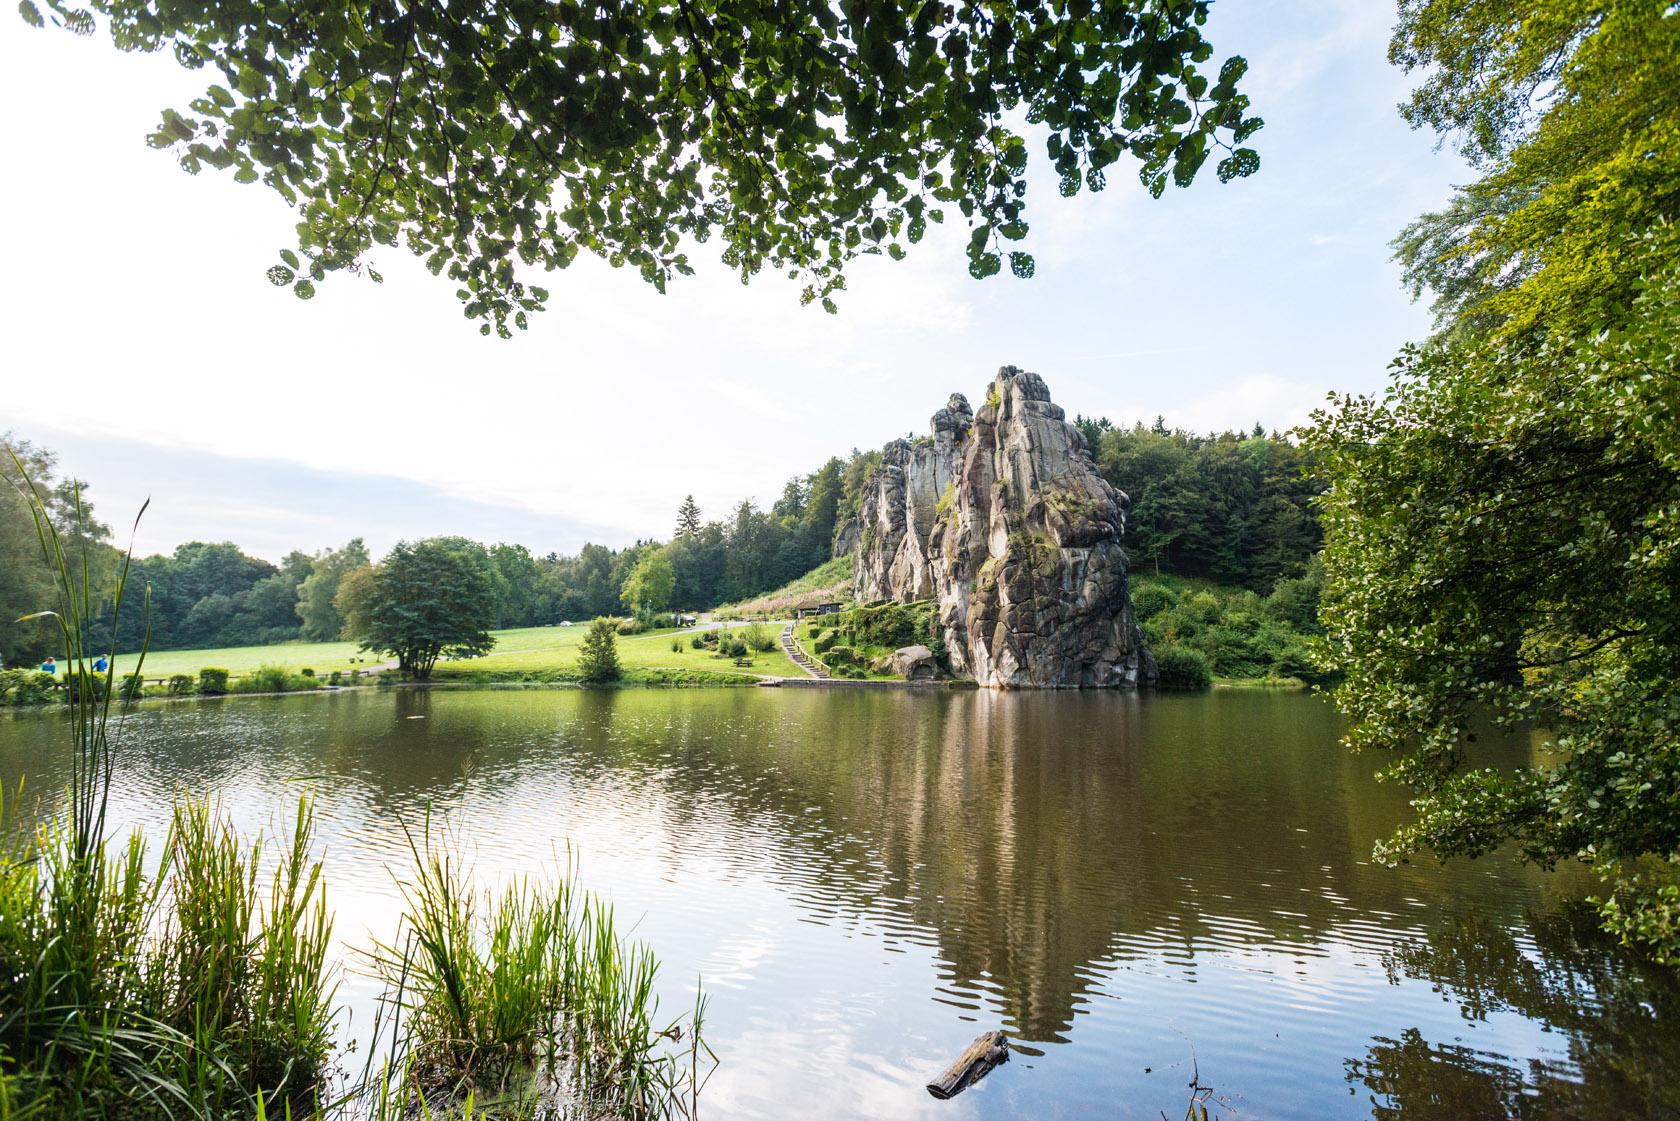 externsteine-horn-bad-meinberg-285-teutoburgerwaldtourismus-dominik-ketz